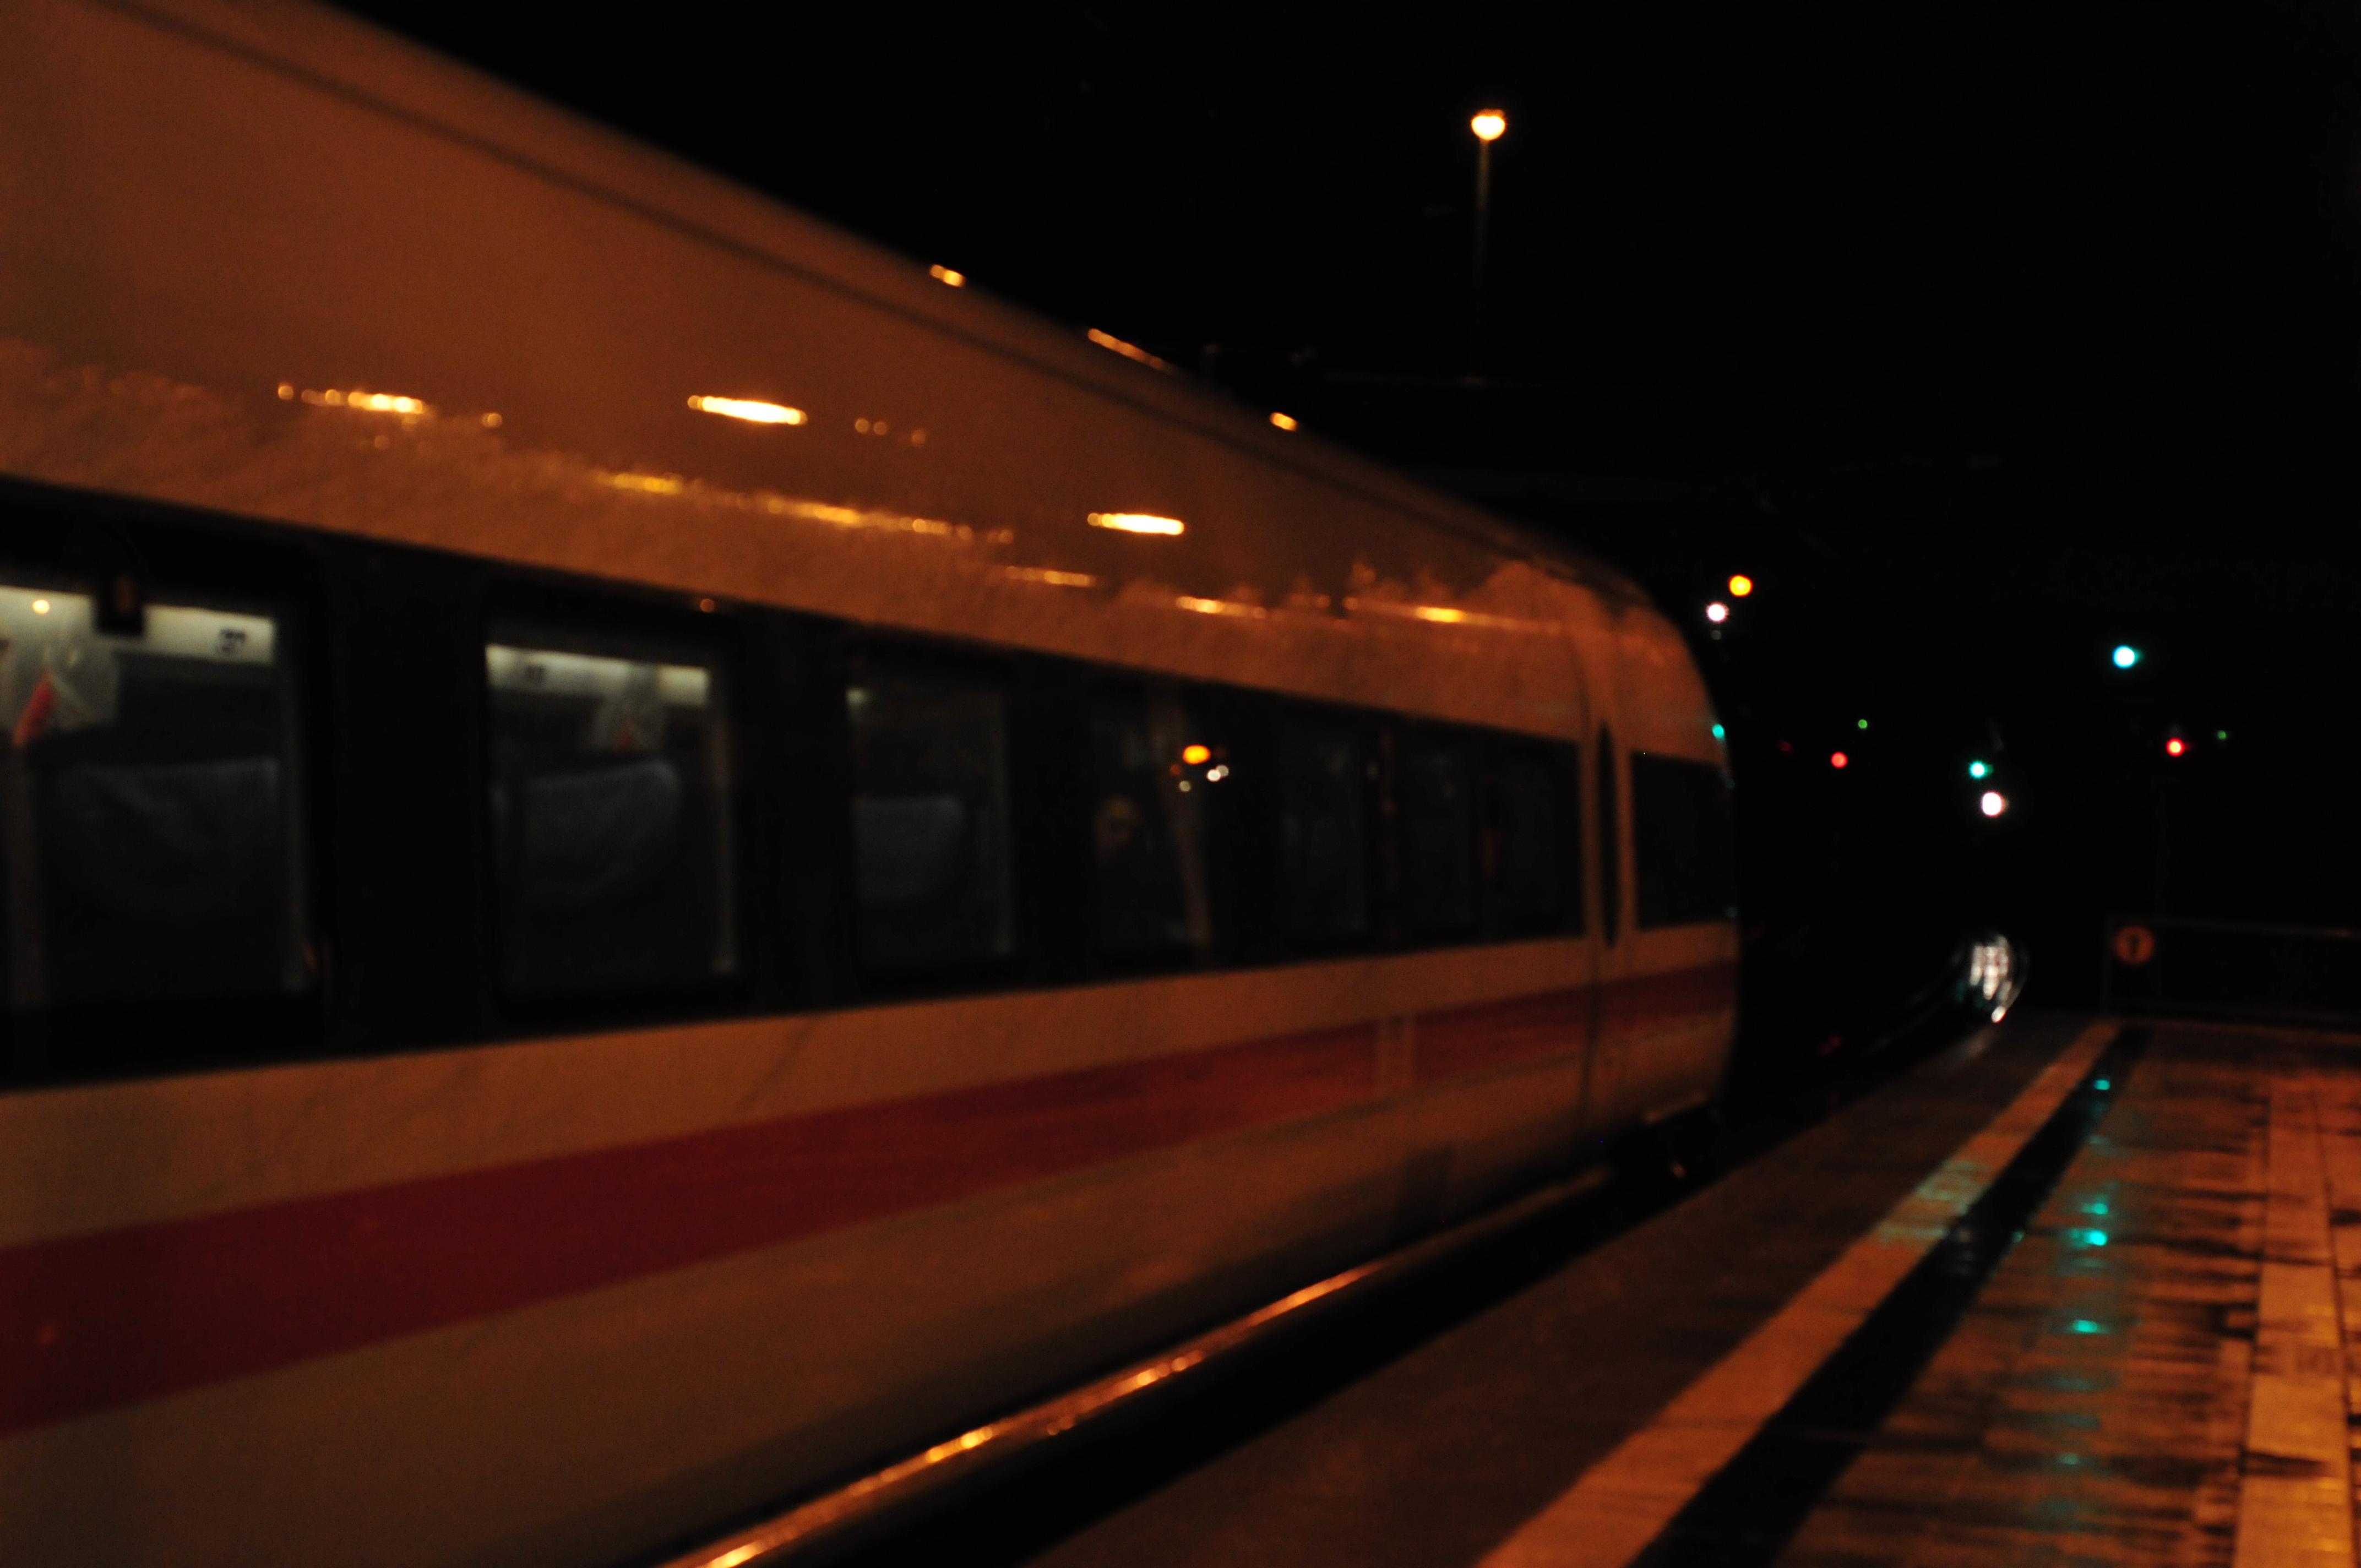 13-01-09-test-solmeta-n3-400.jpg